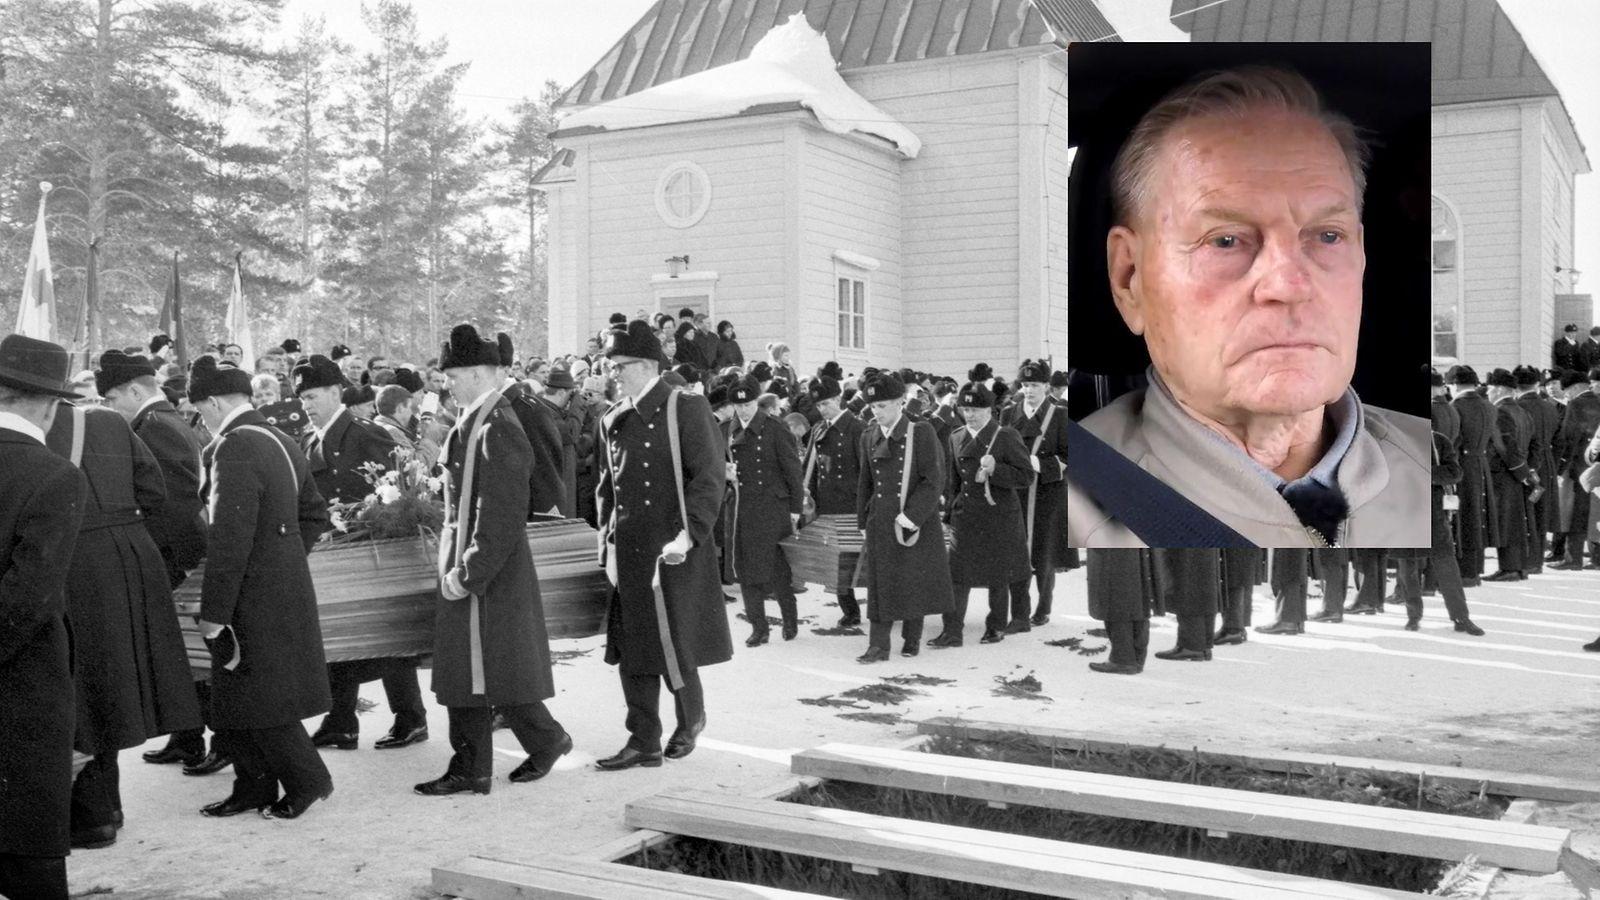 Poliisi Timo Bomania odotti järkyttävä näky vuonna 1969: Viljelijä oli murhannut neljä kollegaa ...